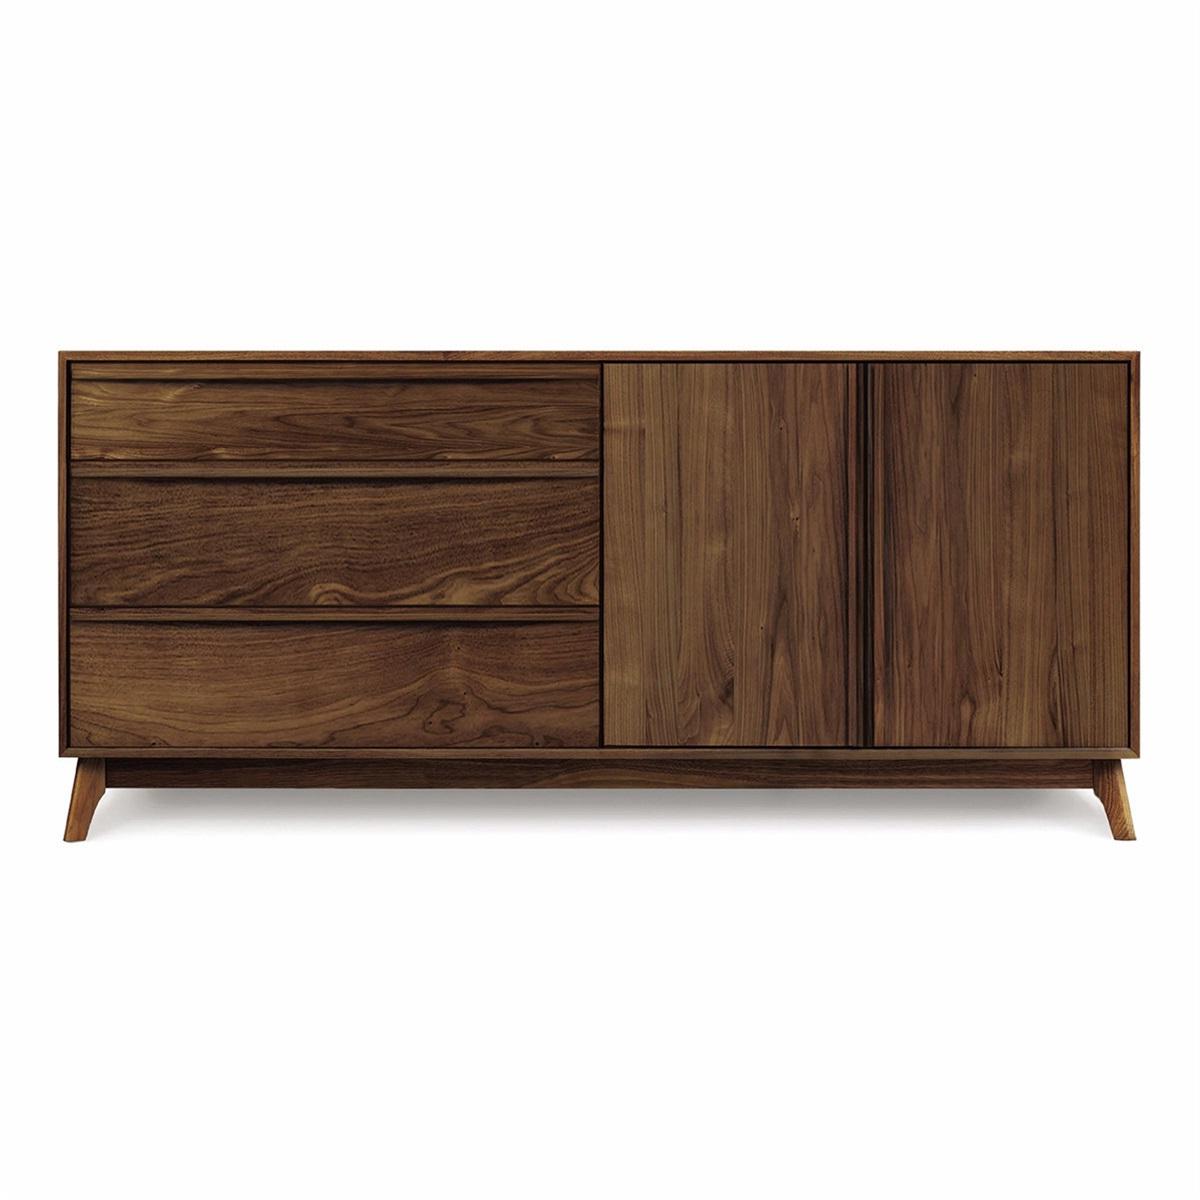 Copeland Furniture Catalina 3 Drawer / 2 Door Buffet In 2 Door 3 Drawer Buffets (View 8 of 20)